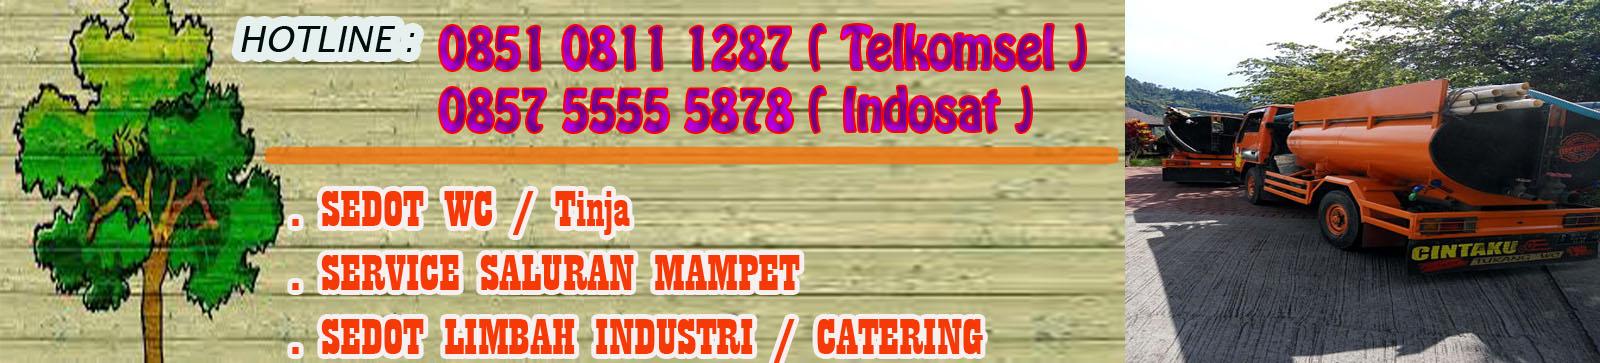 (Daftar Harga) Sedot WC Surabaya Murah 085108111287